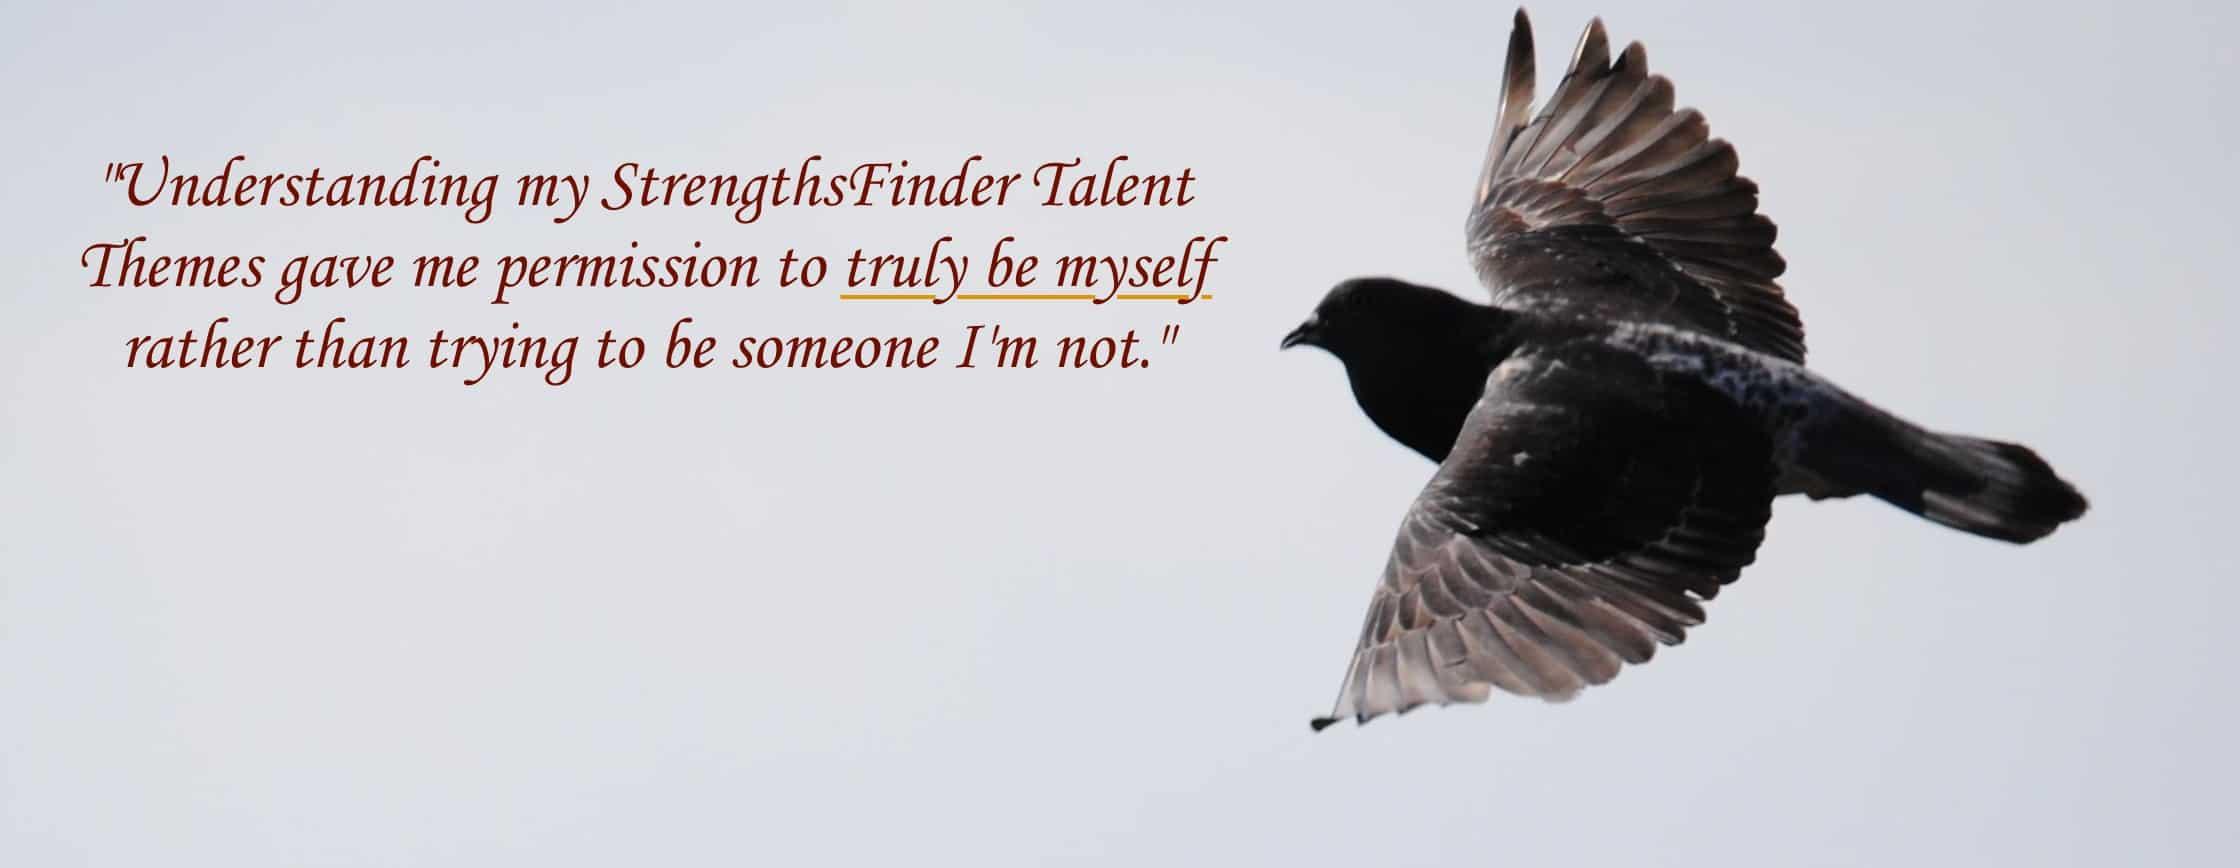 bird_quote